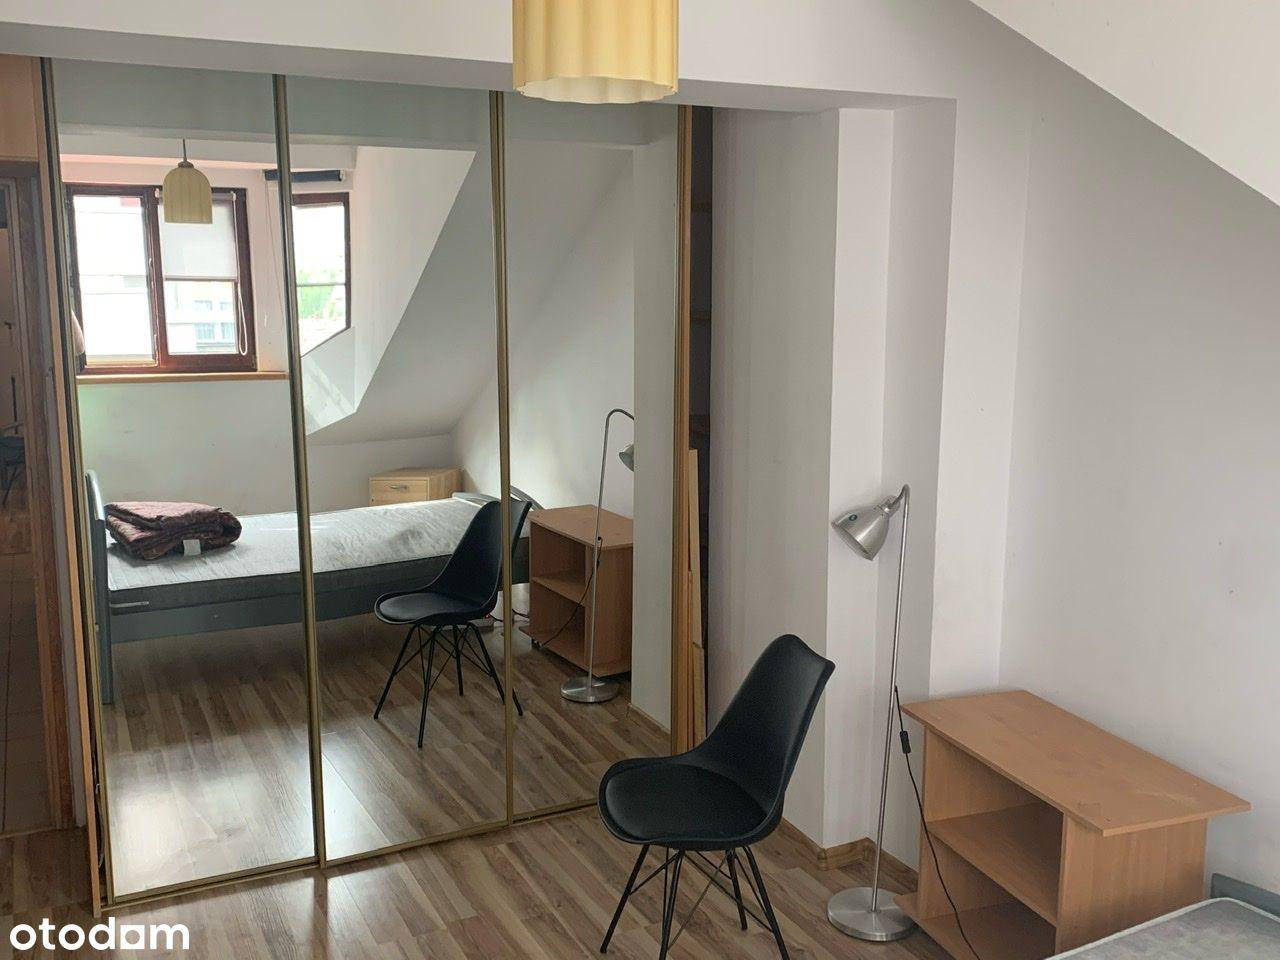 Mirów 94m2 4-pokojowe mieszkanie ostatnie piętro